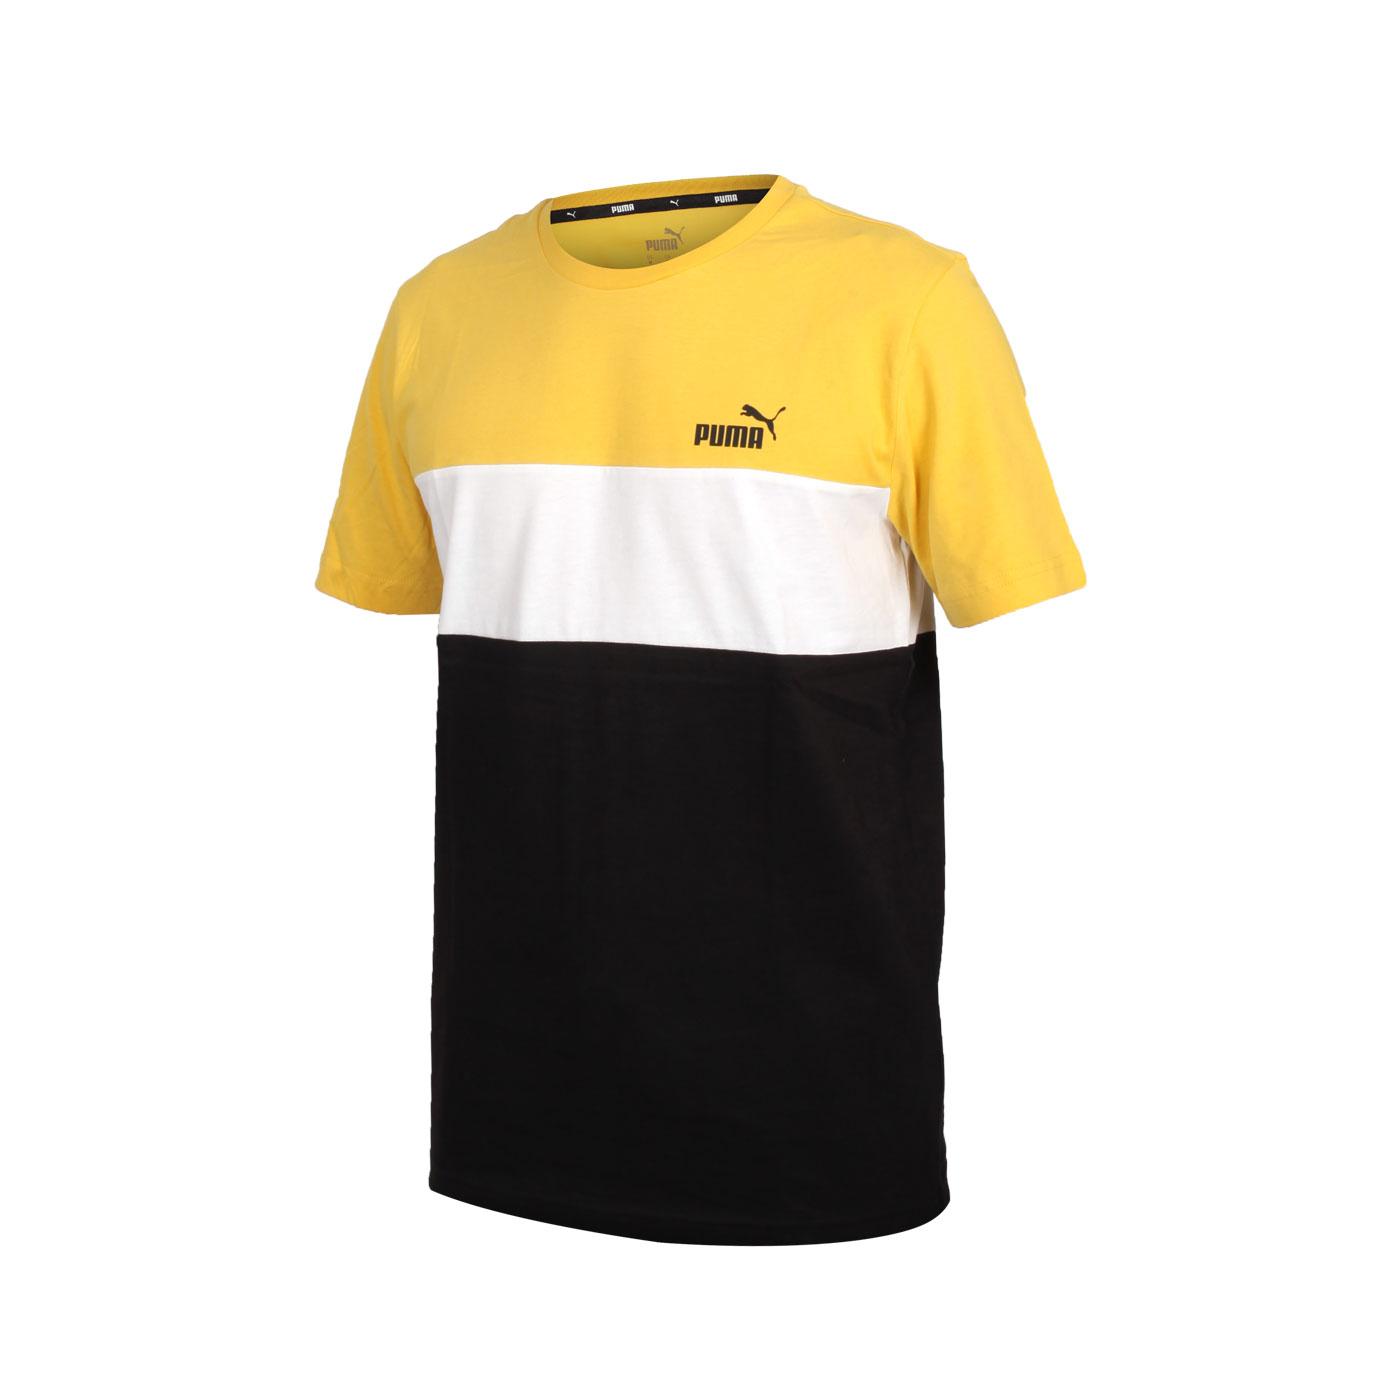 PUMA 男款基本系列短袖T恤 58715999 - 黃白黑